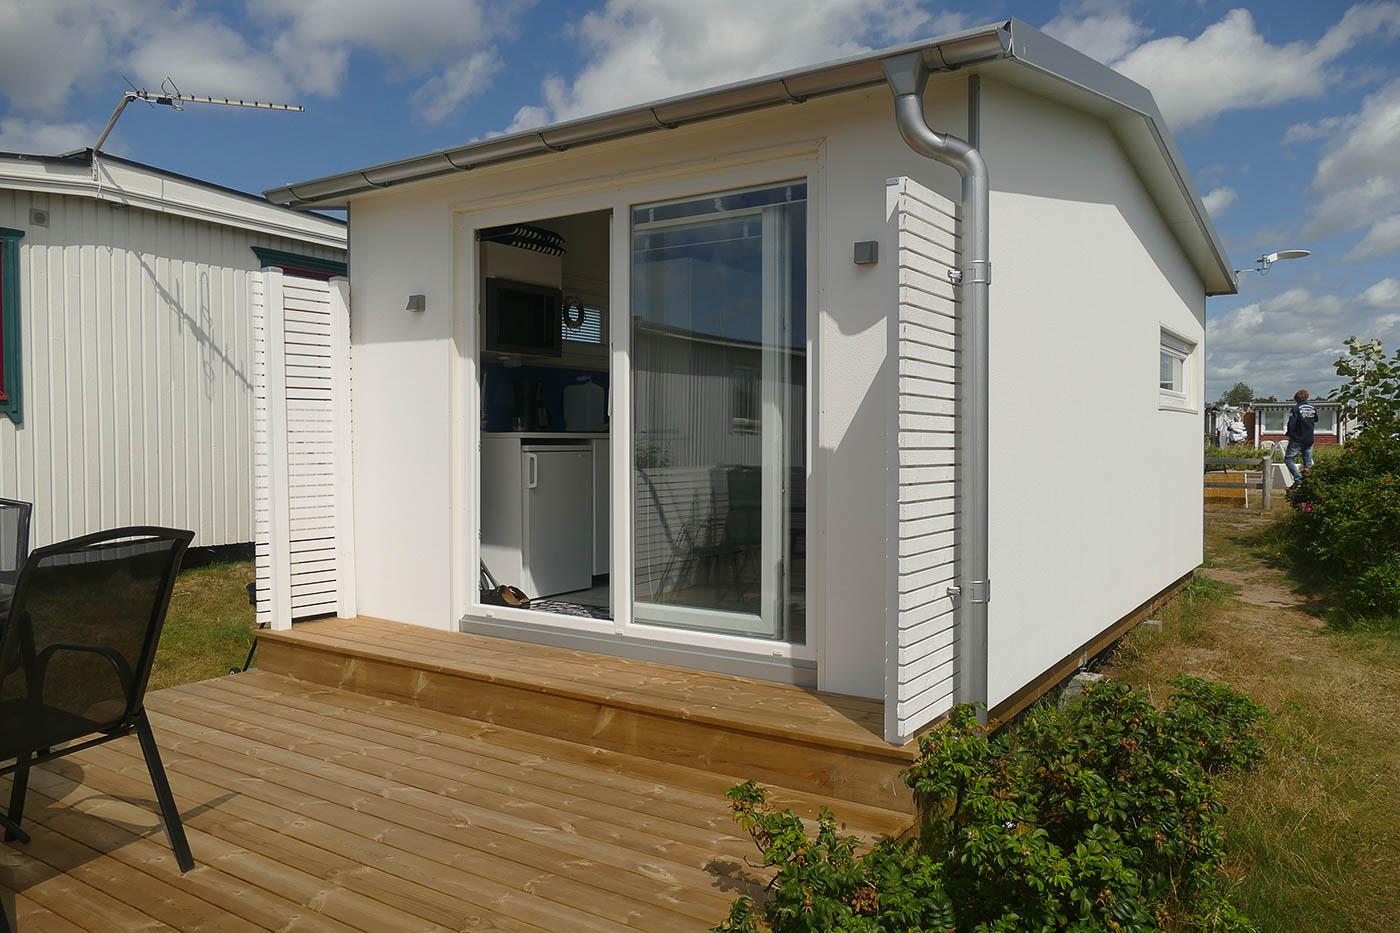 easy-house-specialhus-badstuga-skrea-strand.jpg